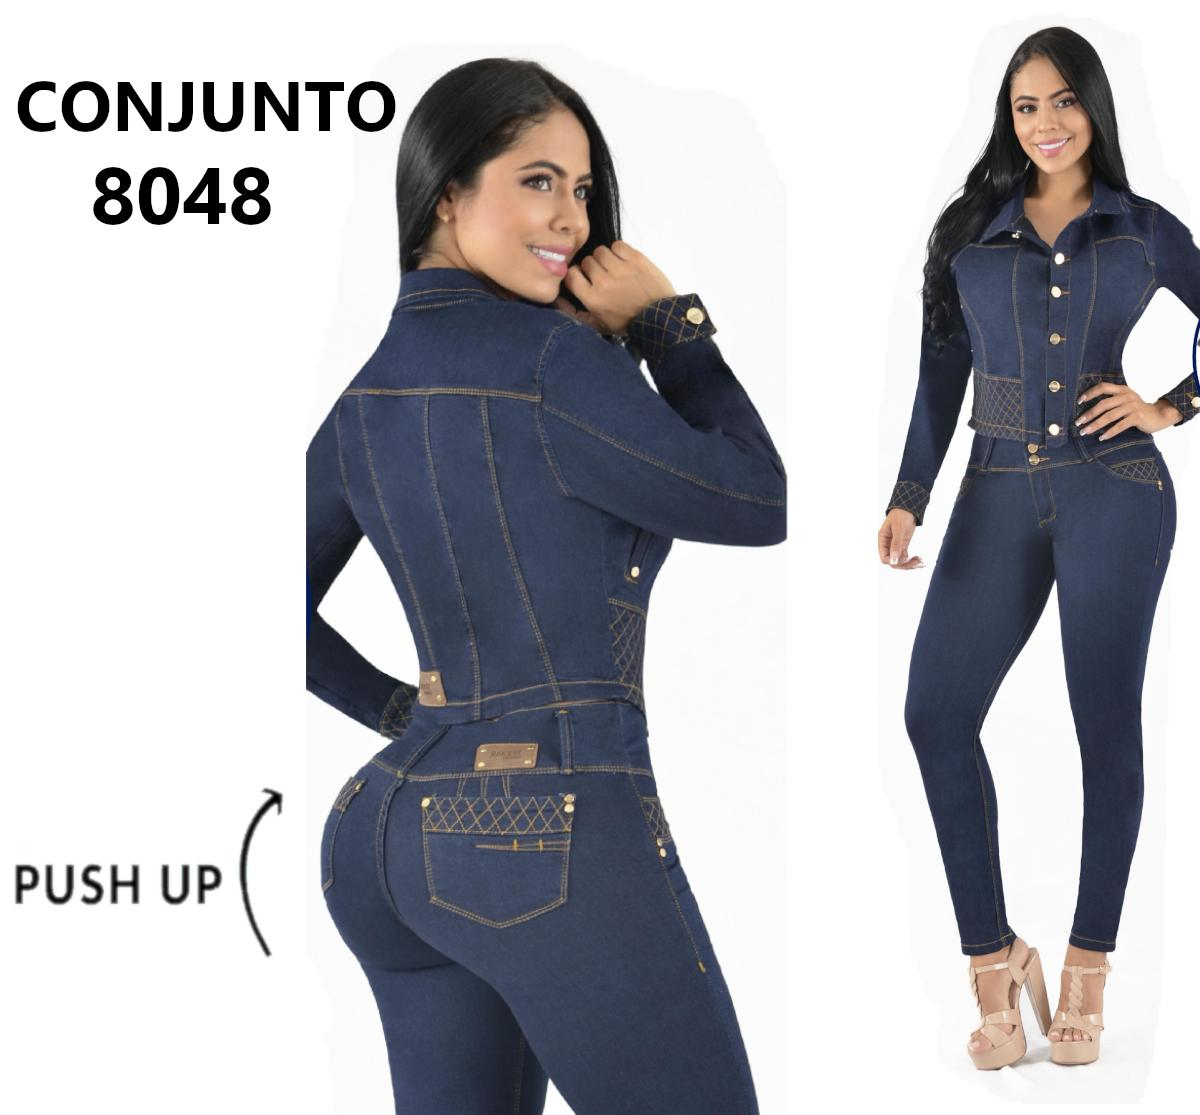 Conjunto Colombiano de Moda Pantalon y Chaqueta